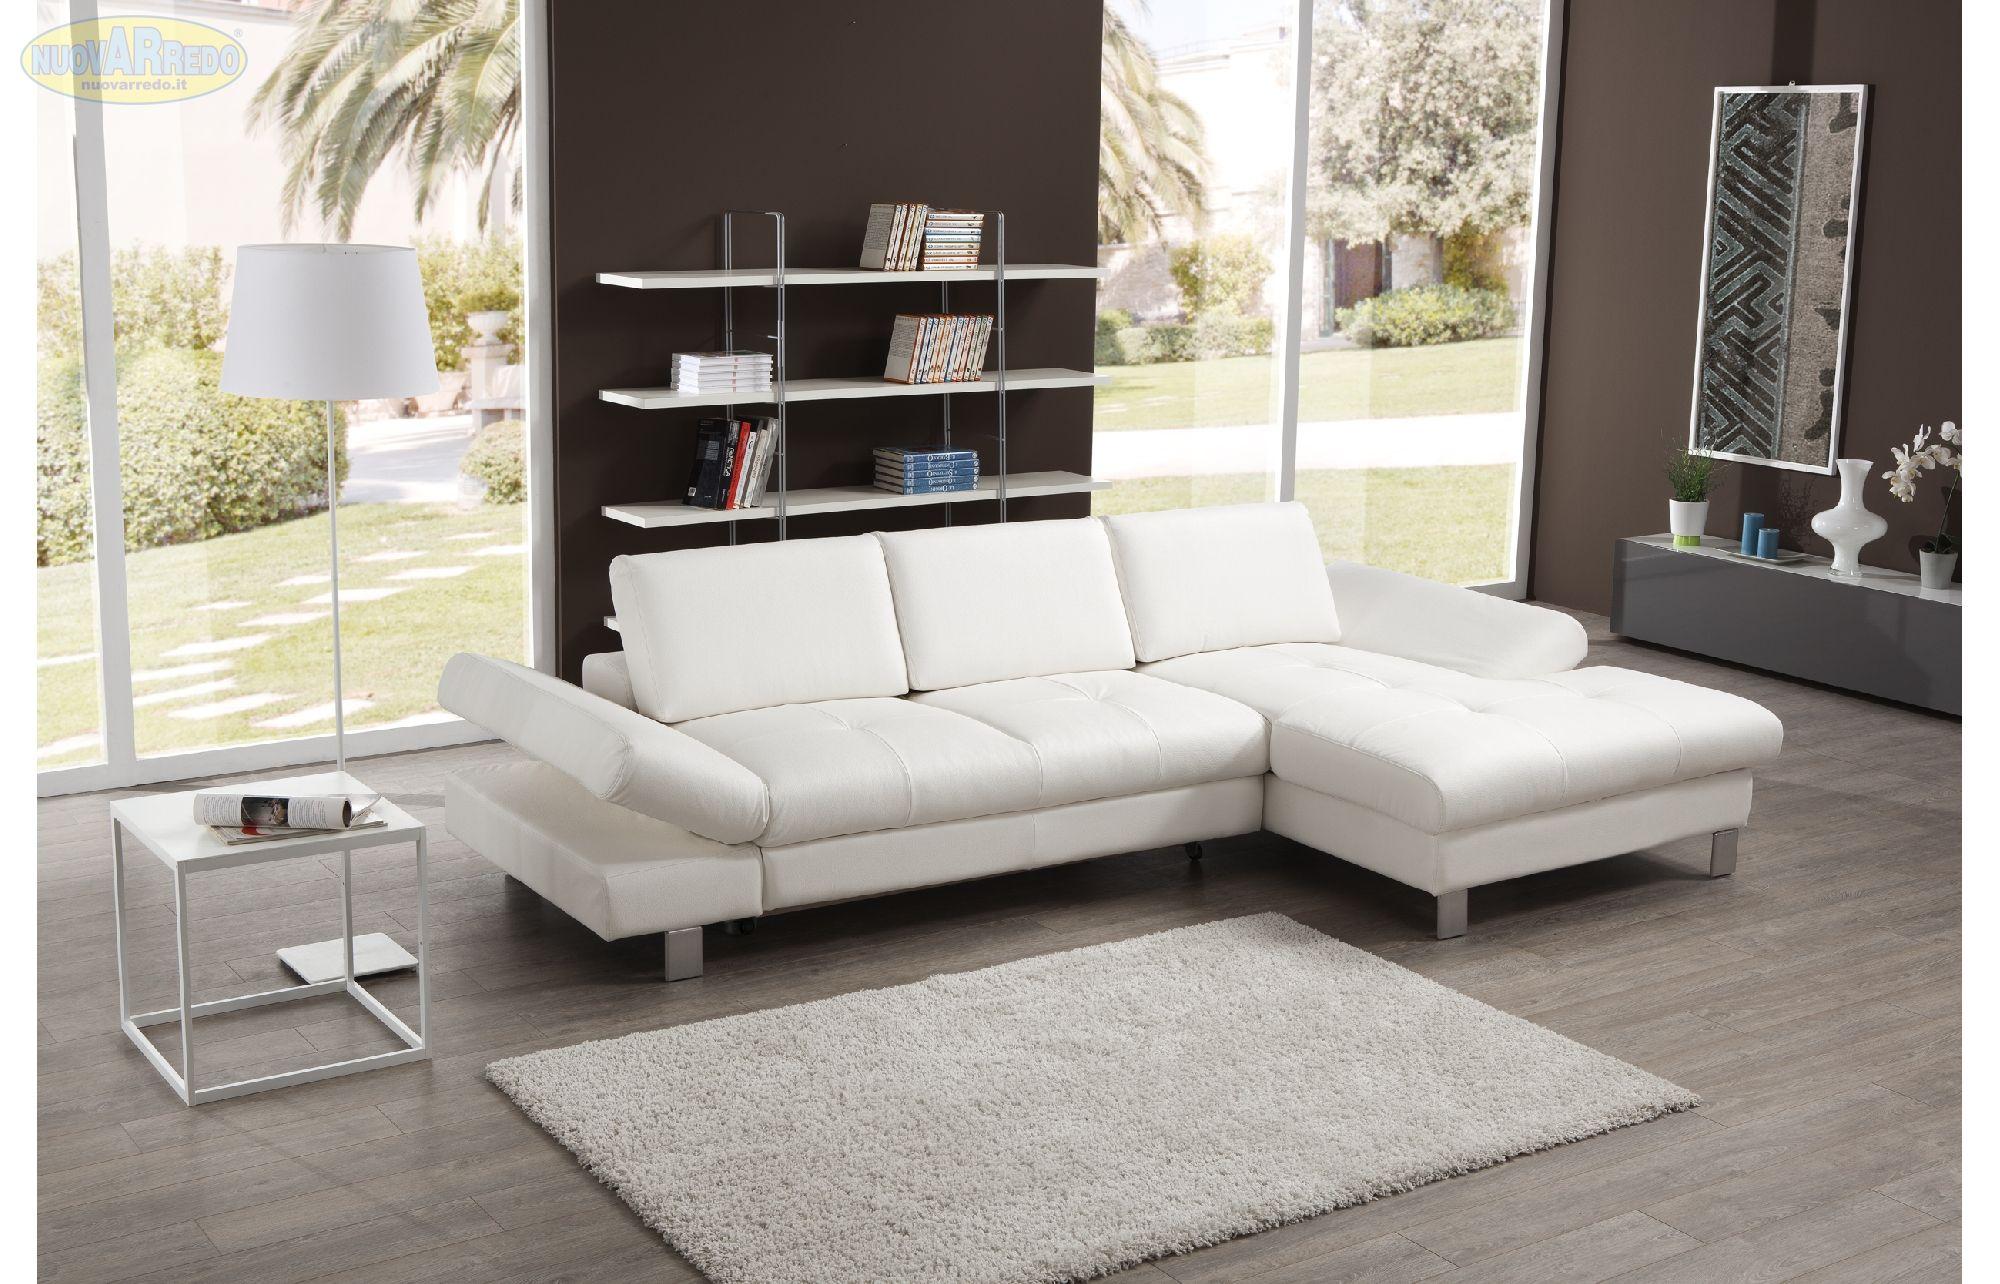 Prezzo € 890 Divano angolare in ecopelle bianco con letto